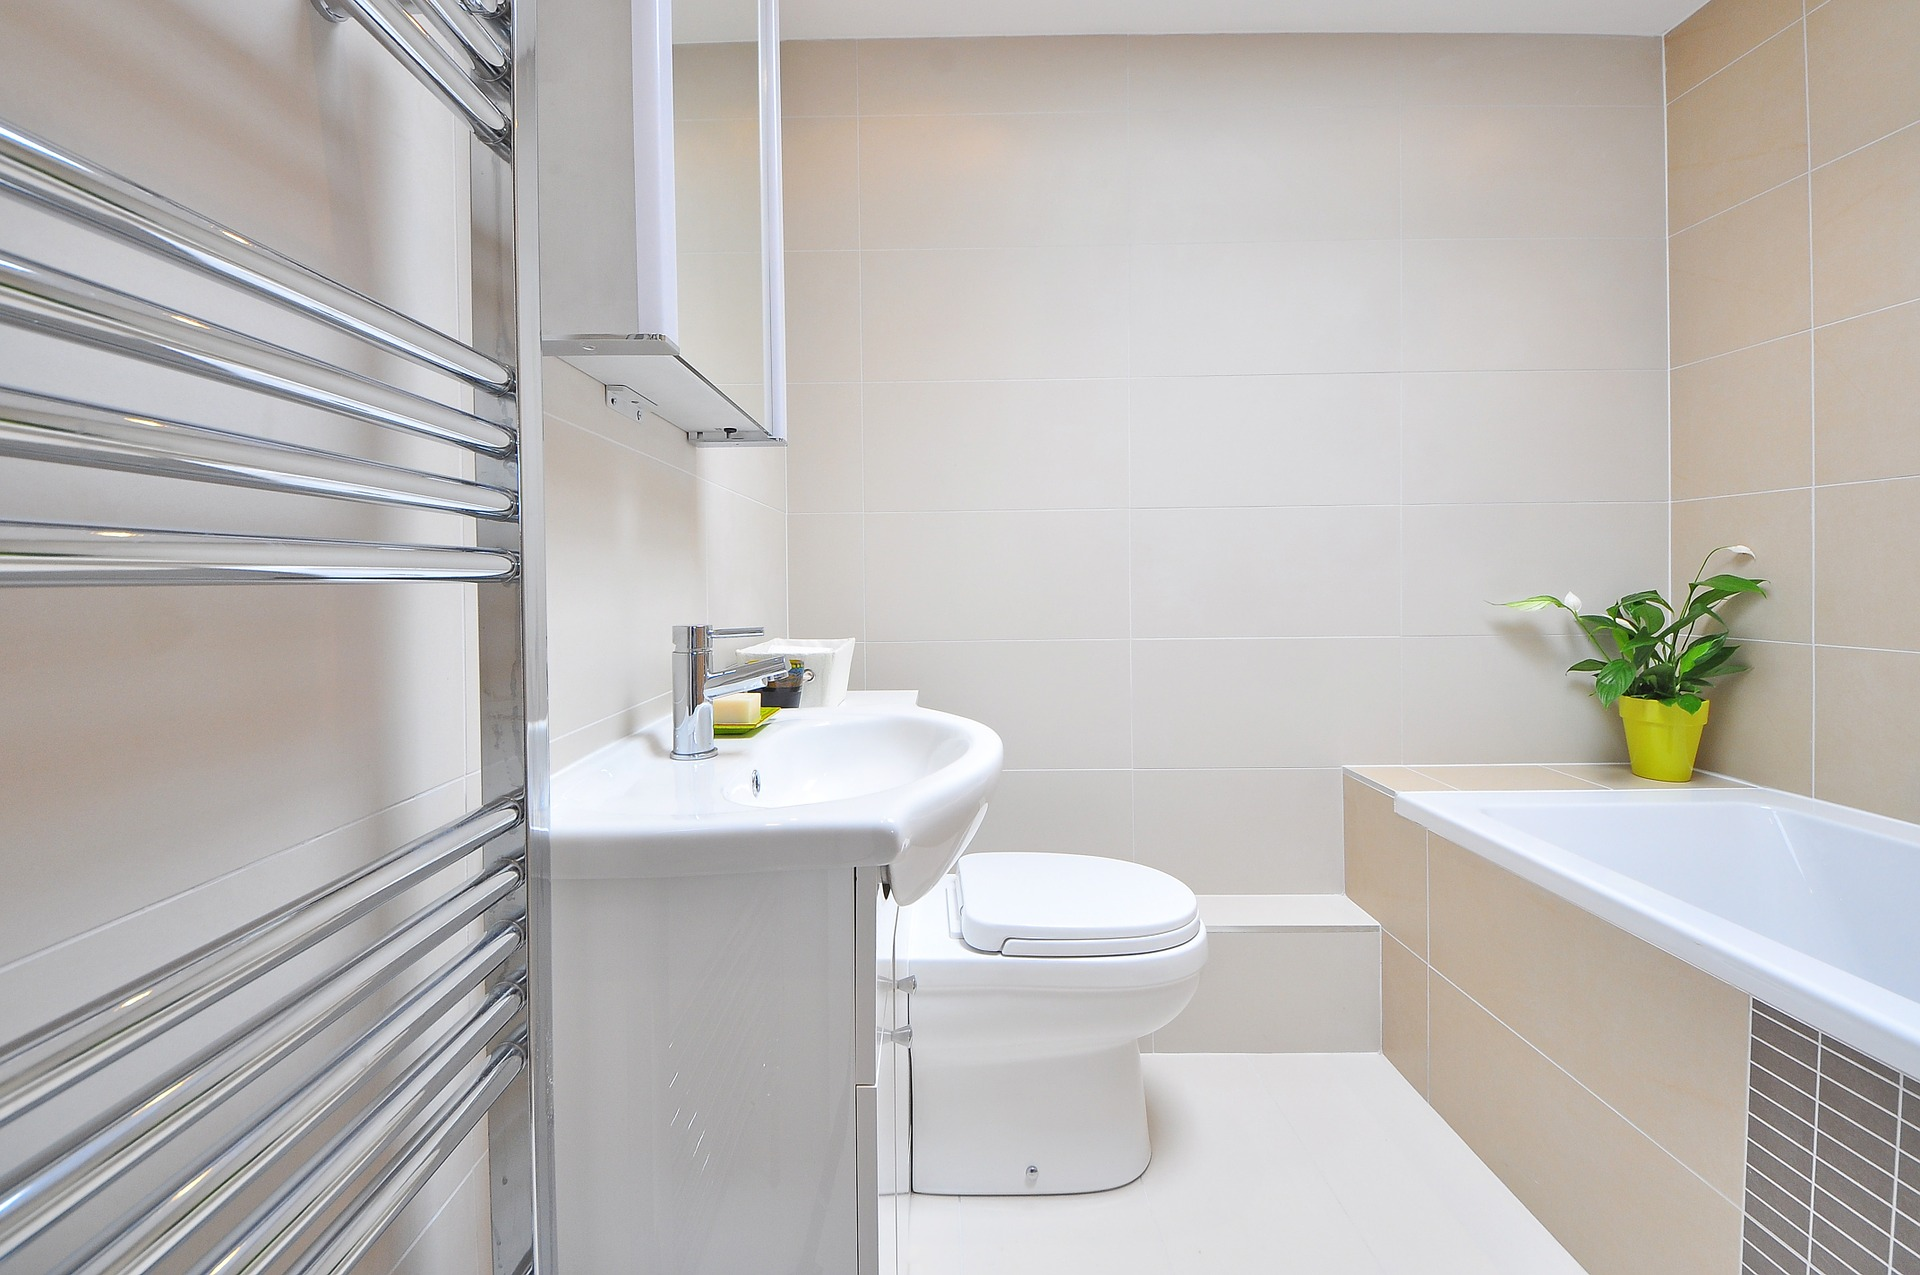 Biało Szara łazienka Inspiracje